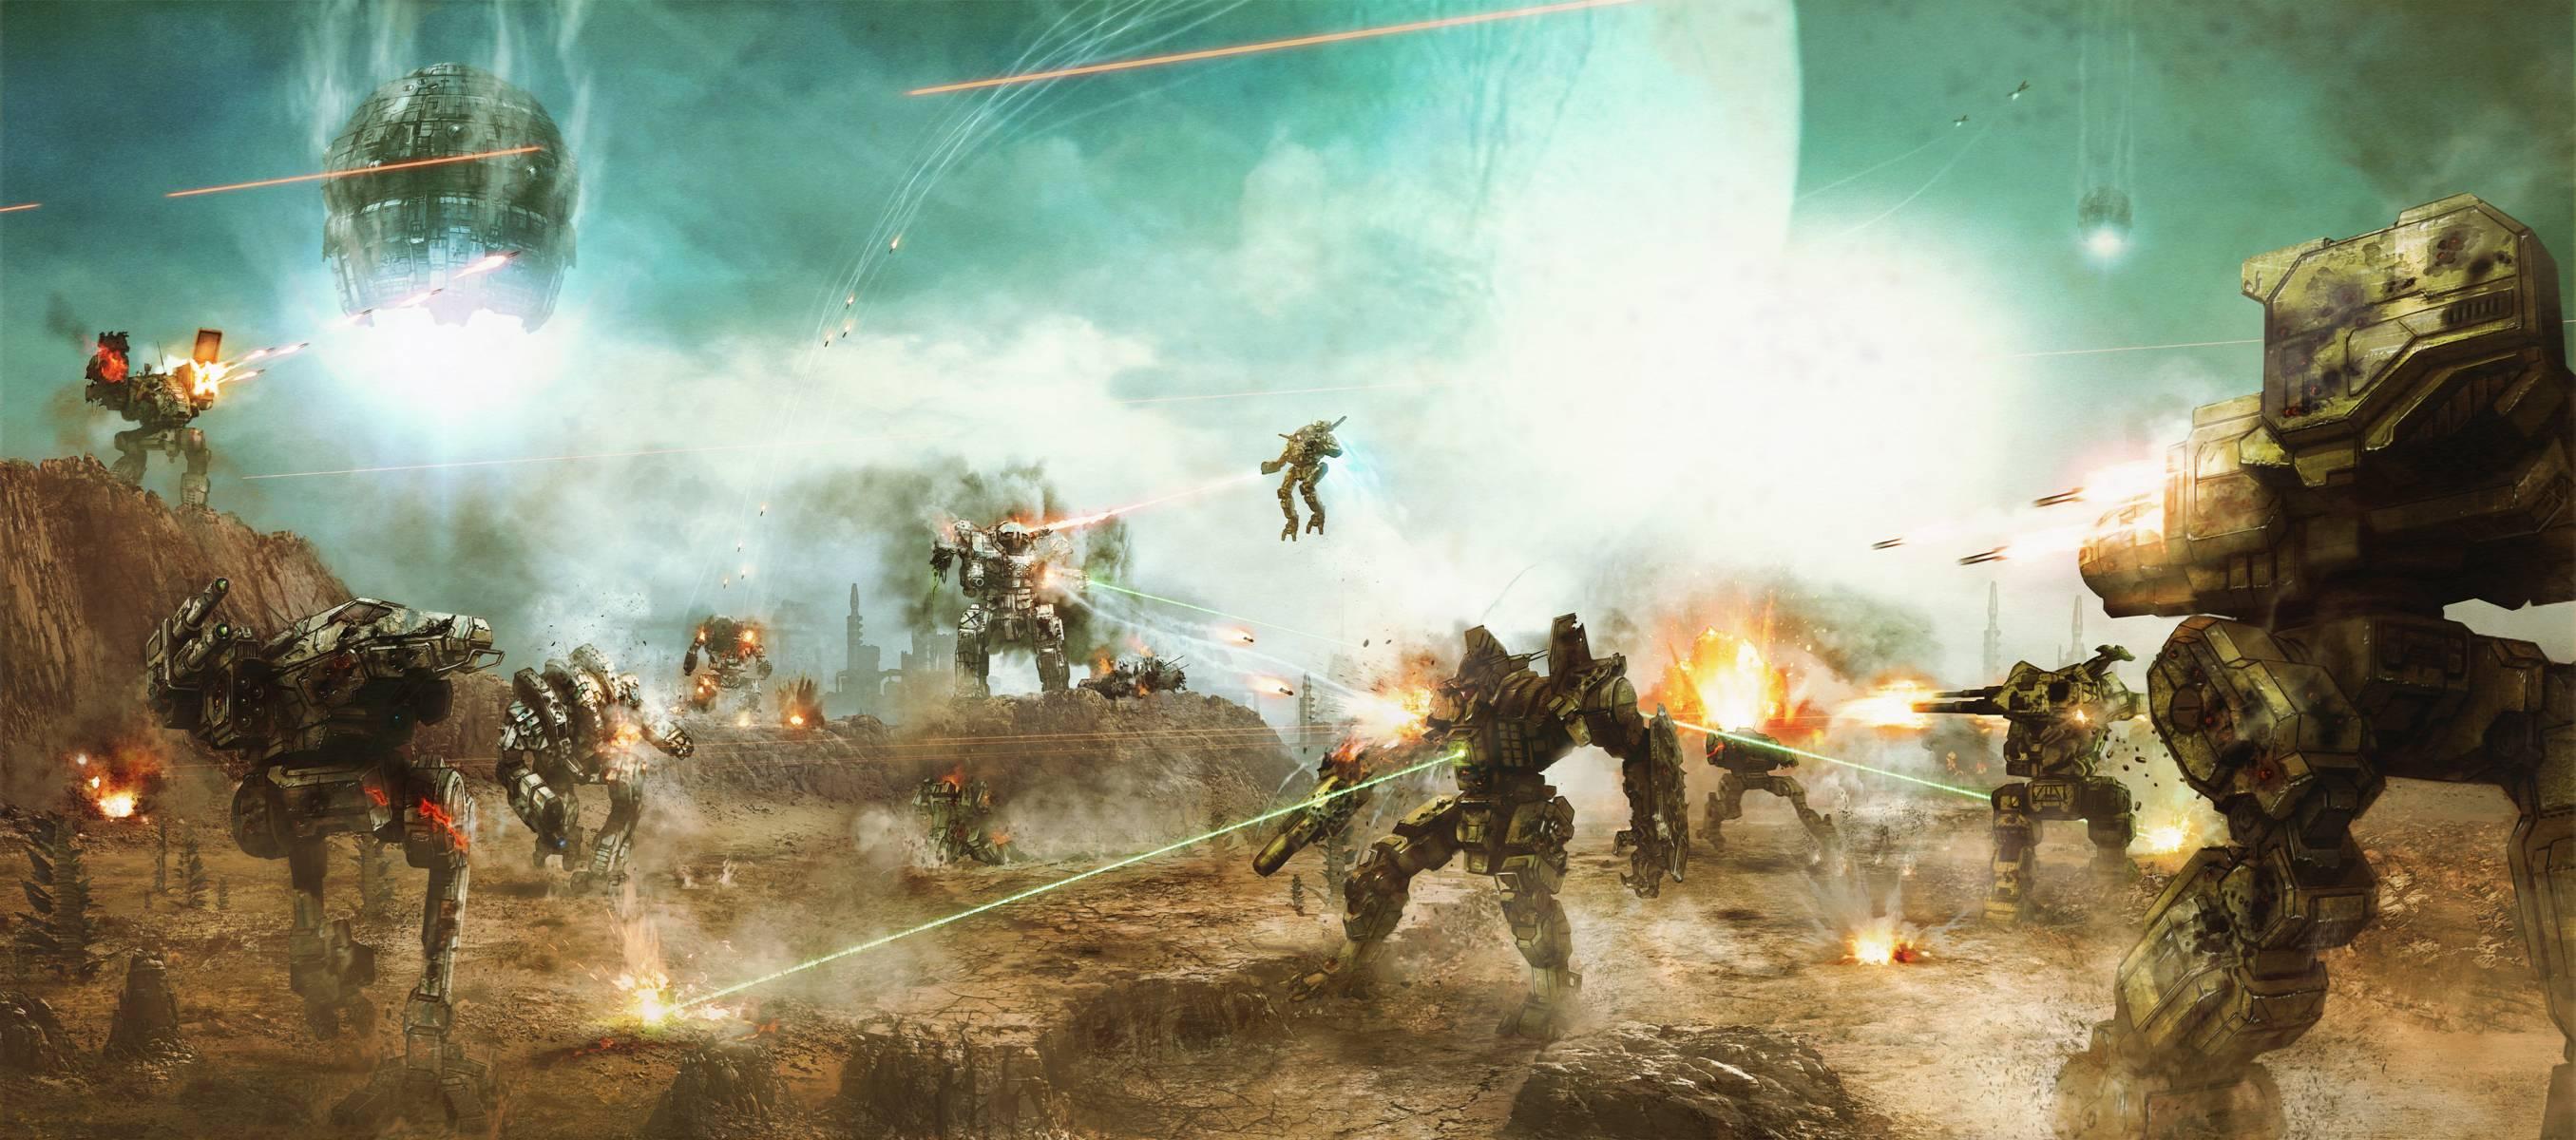 Mechwarrior wallpapers wallpaper cave - Battlefield screensaver ...